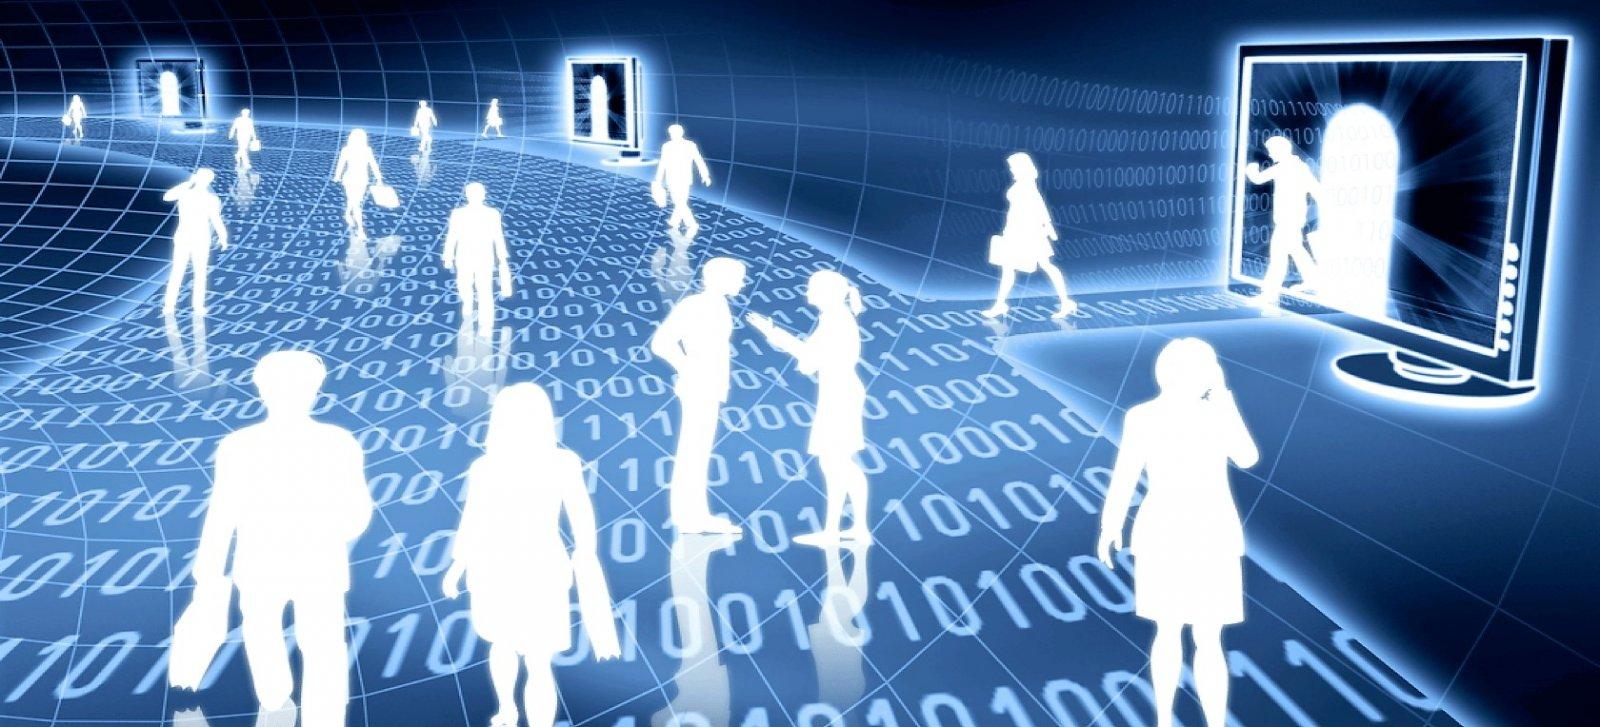 Цифровая трансформация: что ждёт самую модную бизнес-тенденцию?